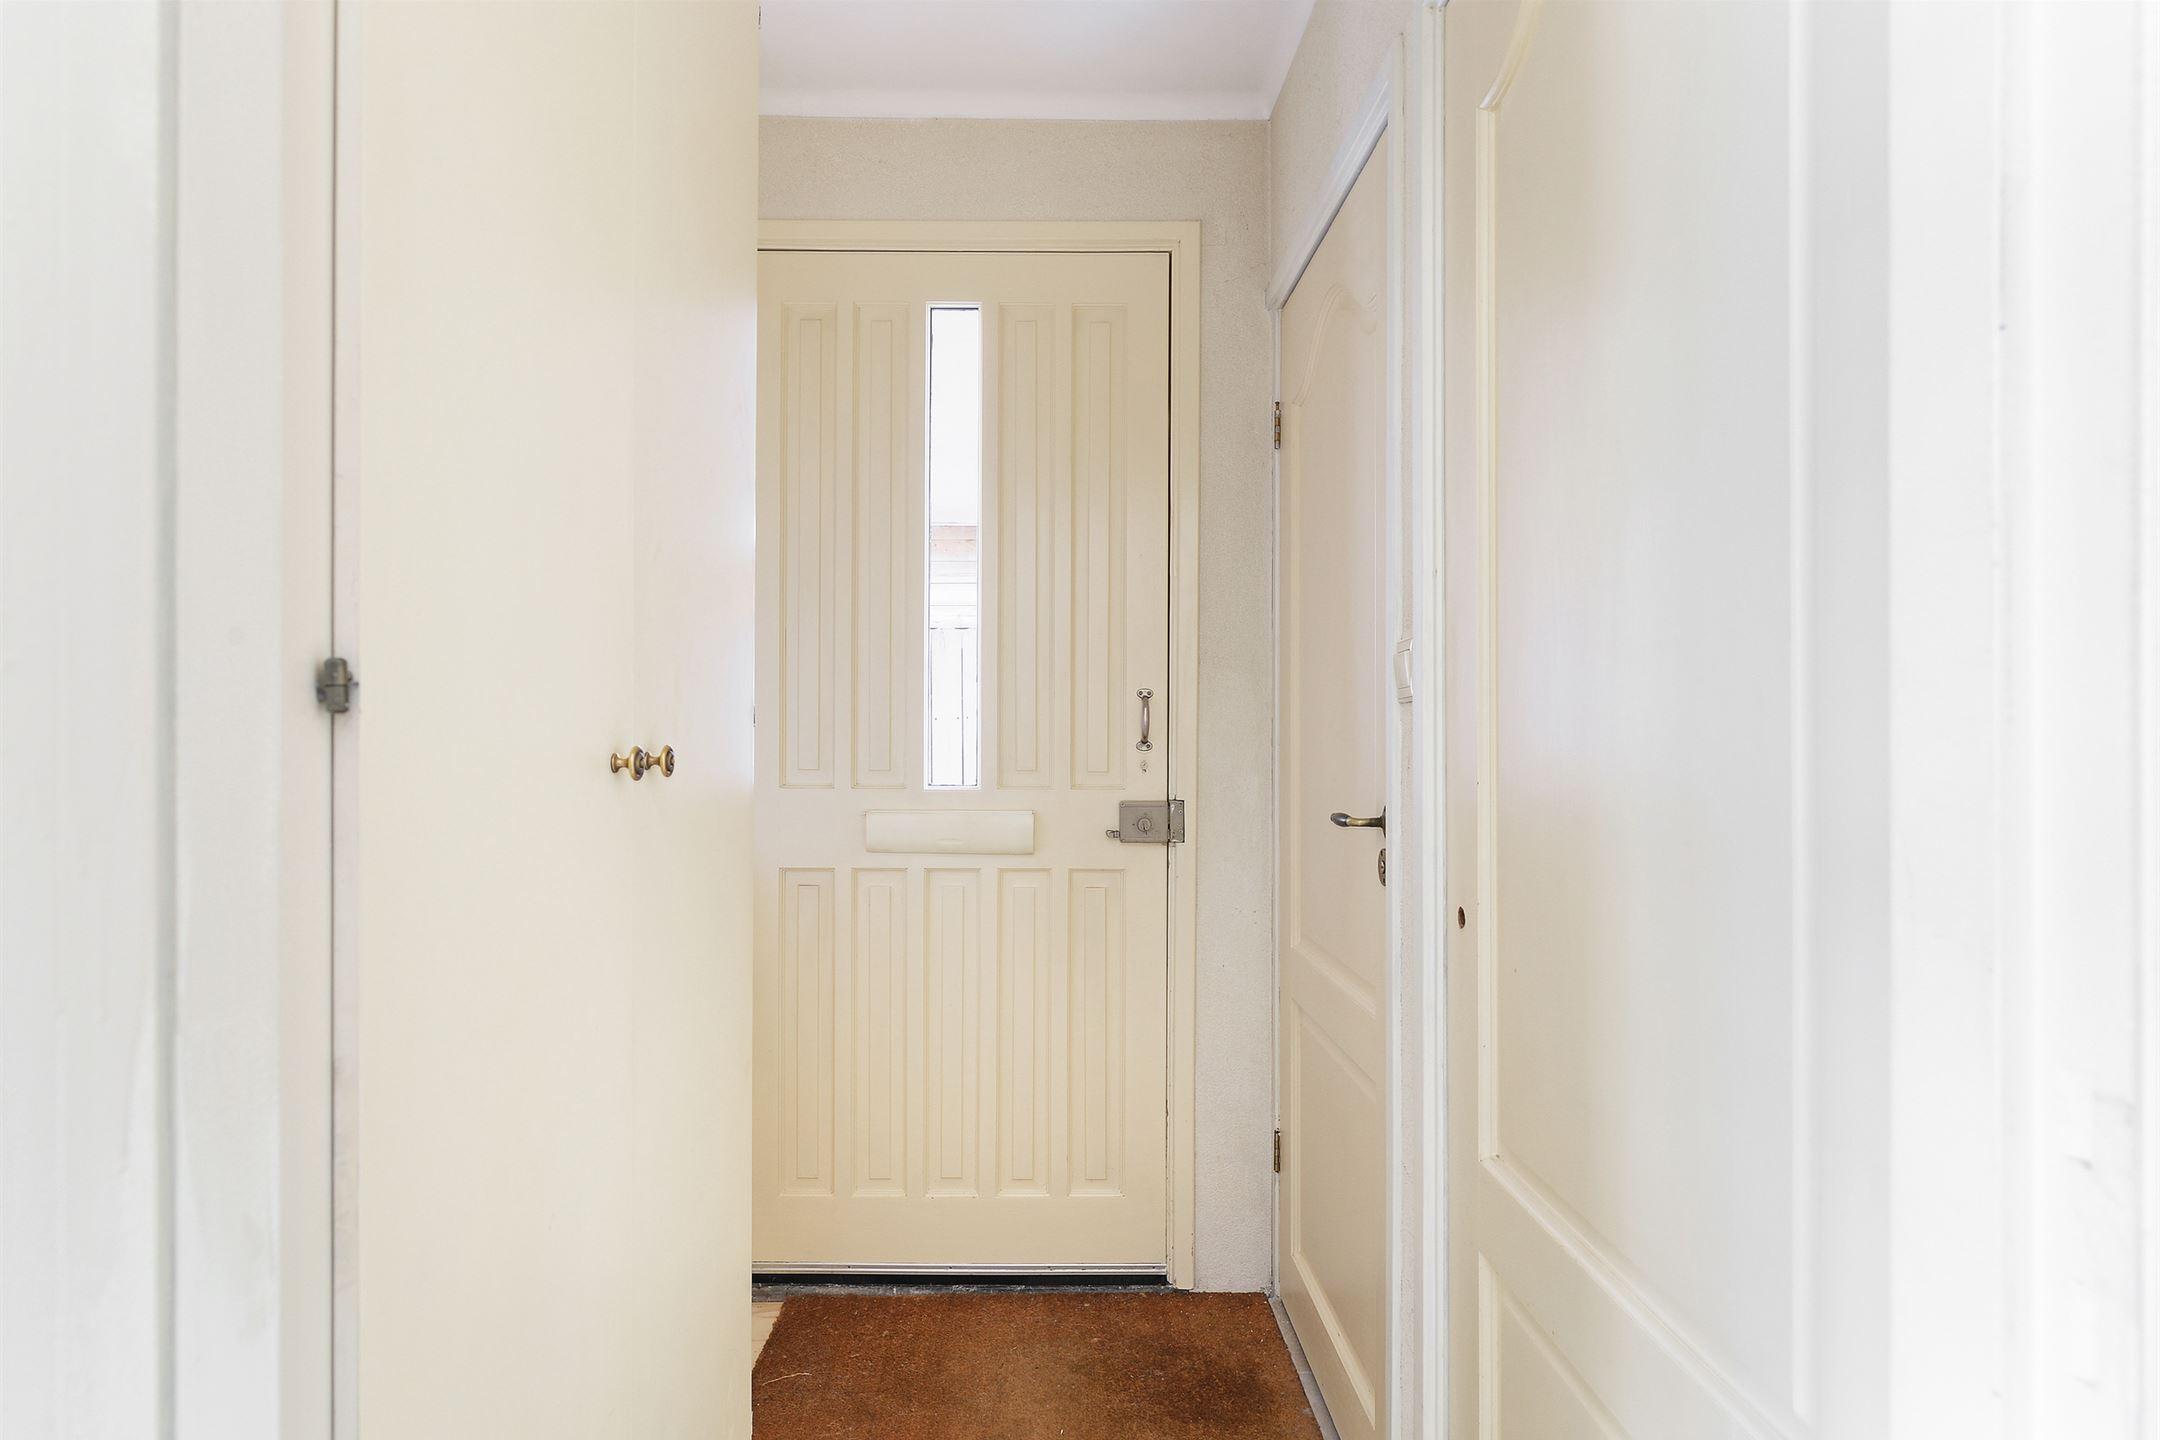 Huis te koop: lindenlaan 76 1161 vl zwanenburg [funda]